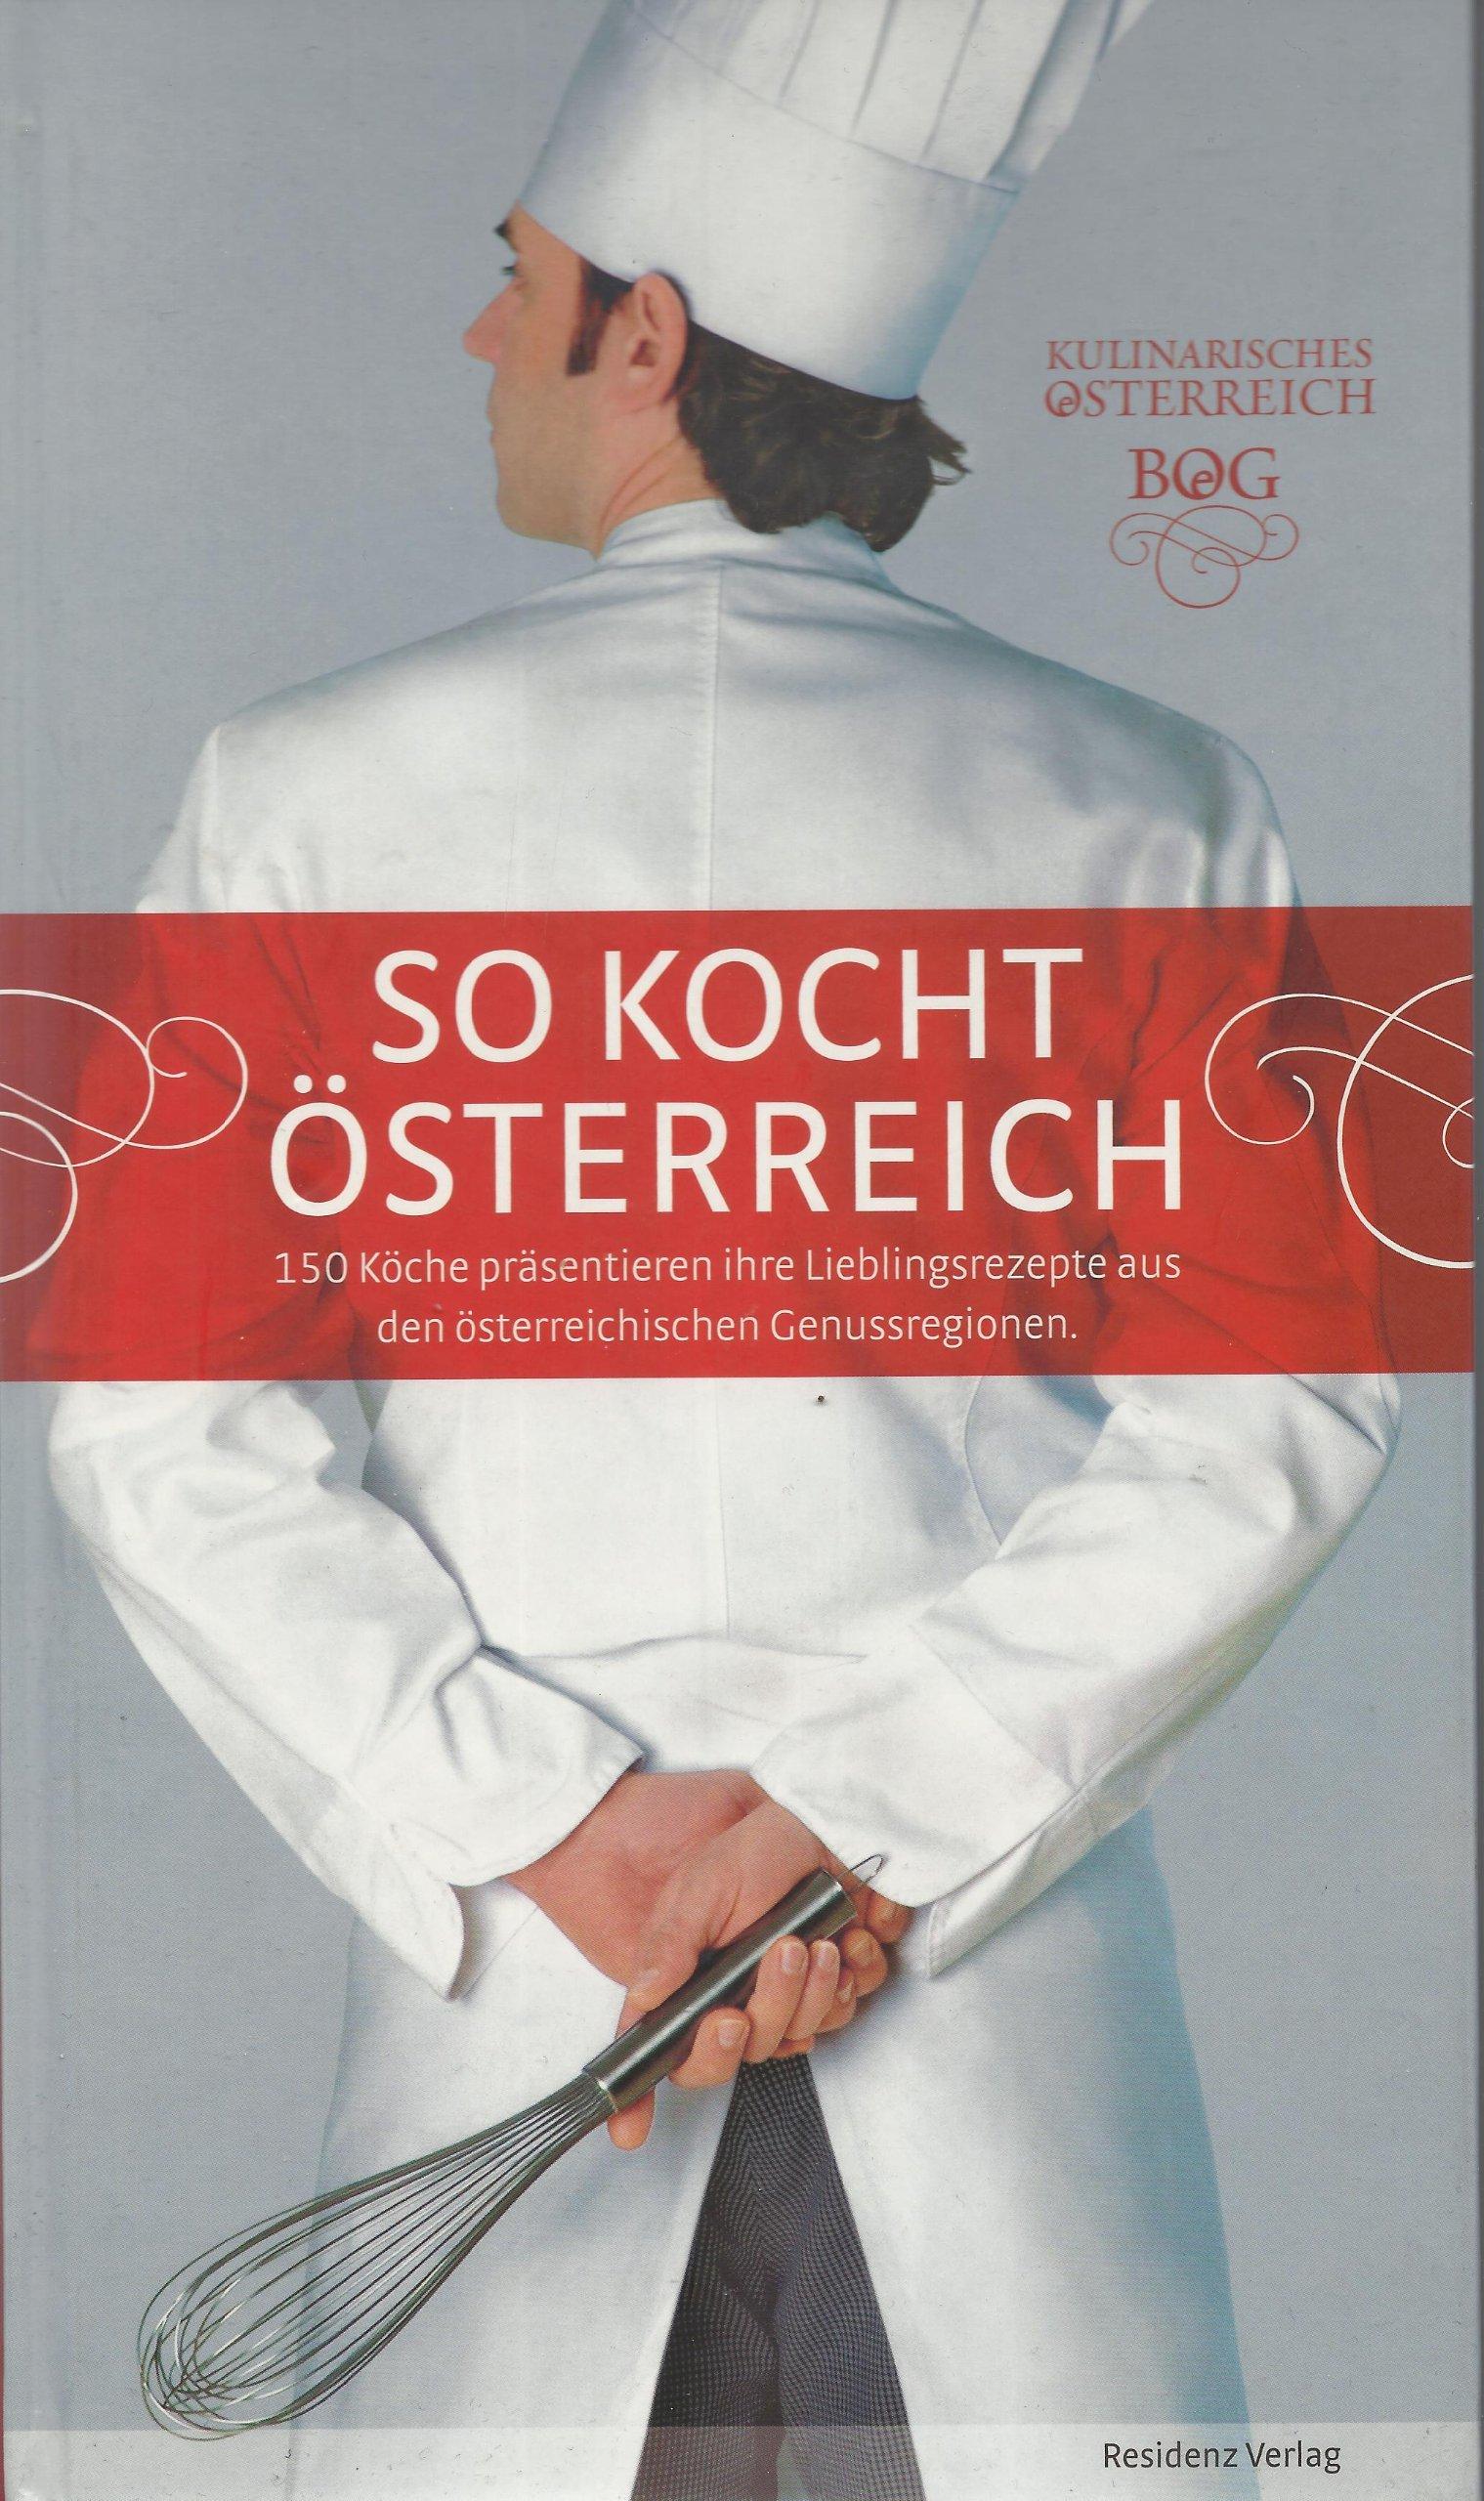 So kocht Österreich: 150 Köche präsentieren ihre Lieblingsrezepte aus den österreichischen Genussregionen